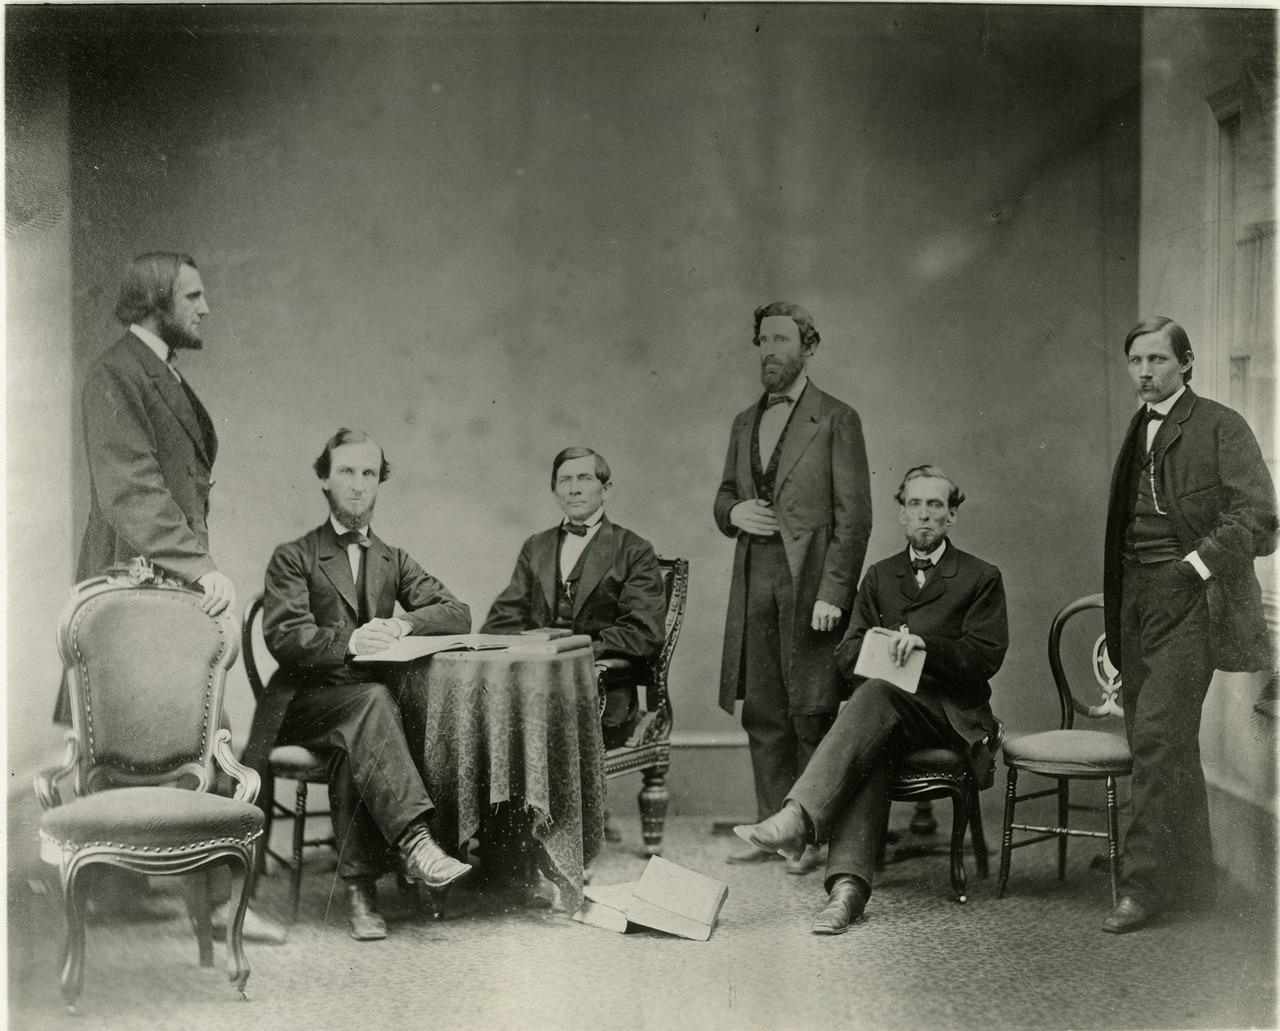 Group_Portrait_of_West_Virginia_Statehood_Leaders.tif.jpg